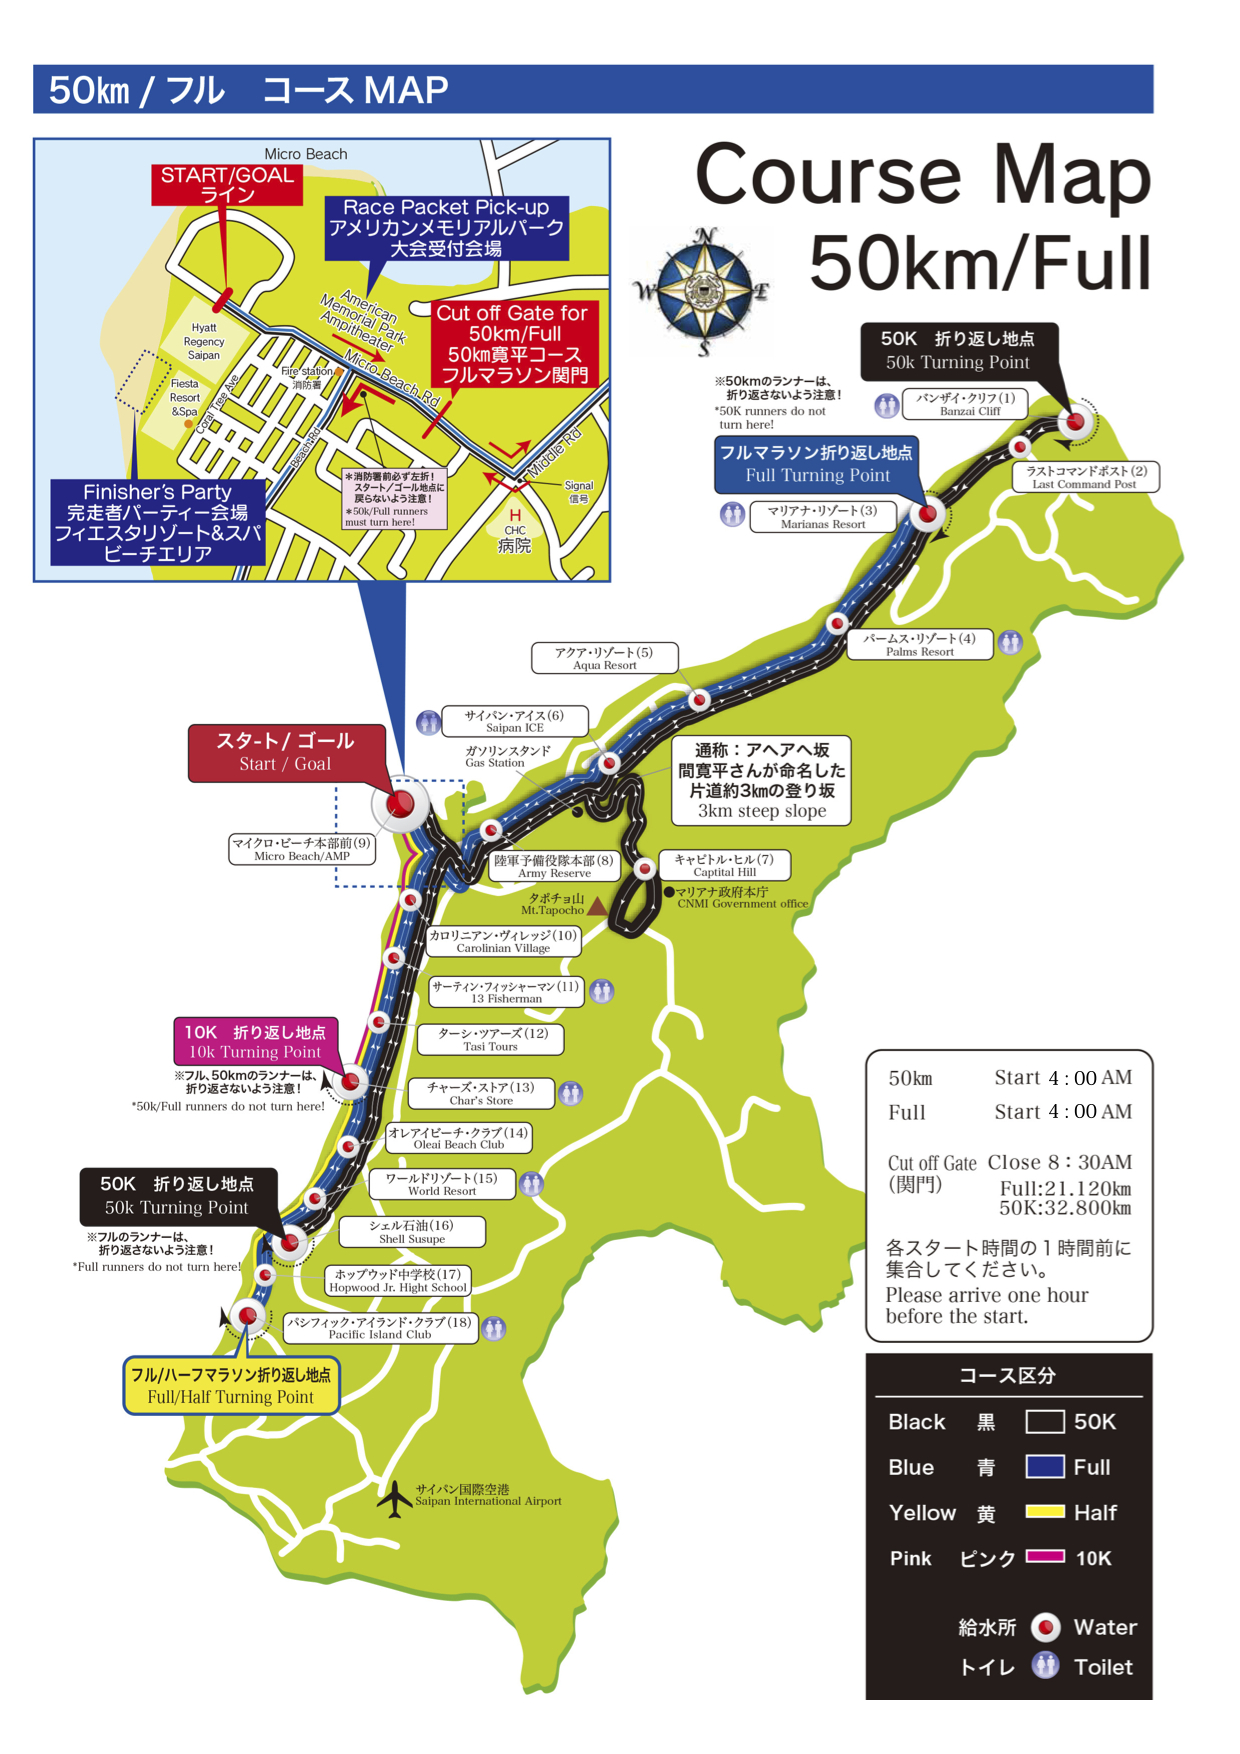 saipan_map_50km